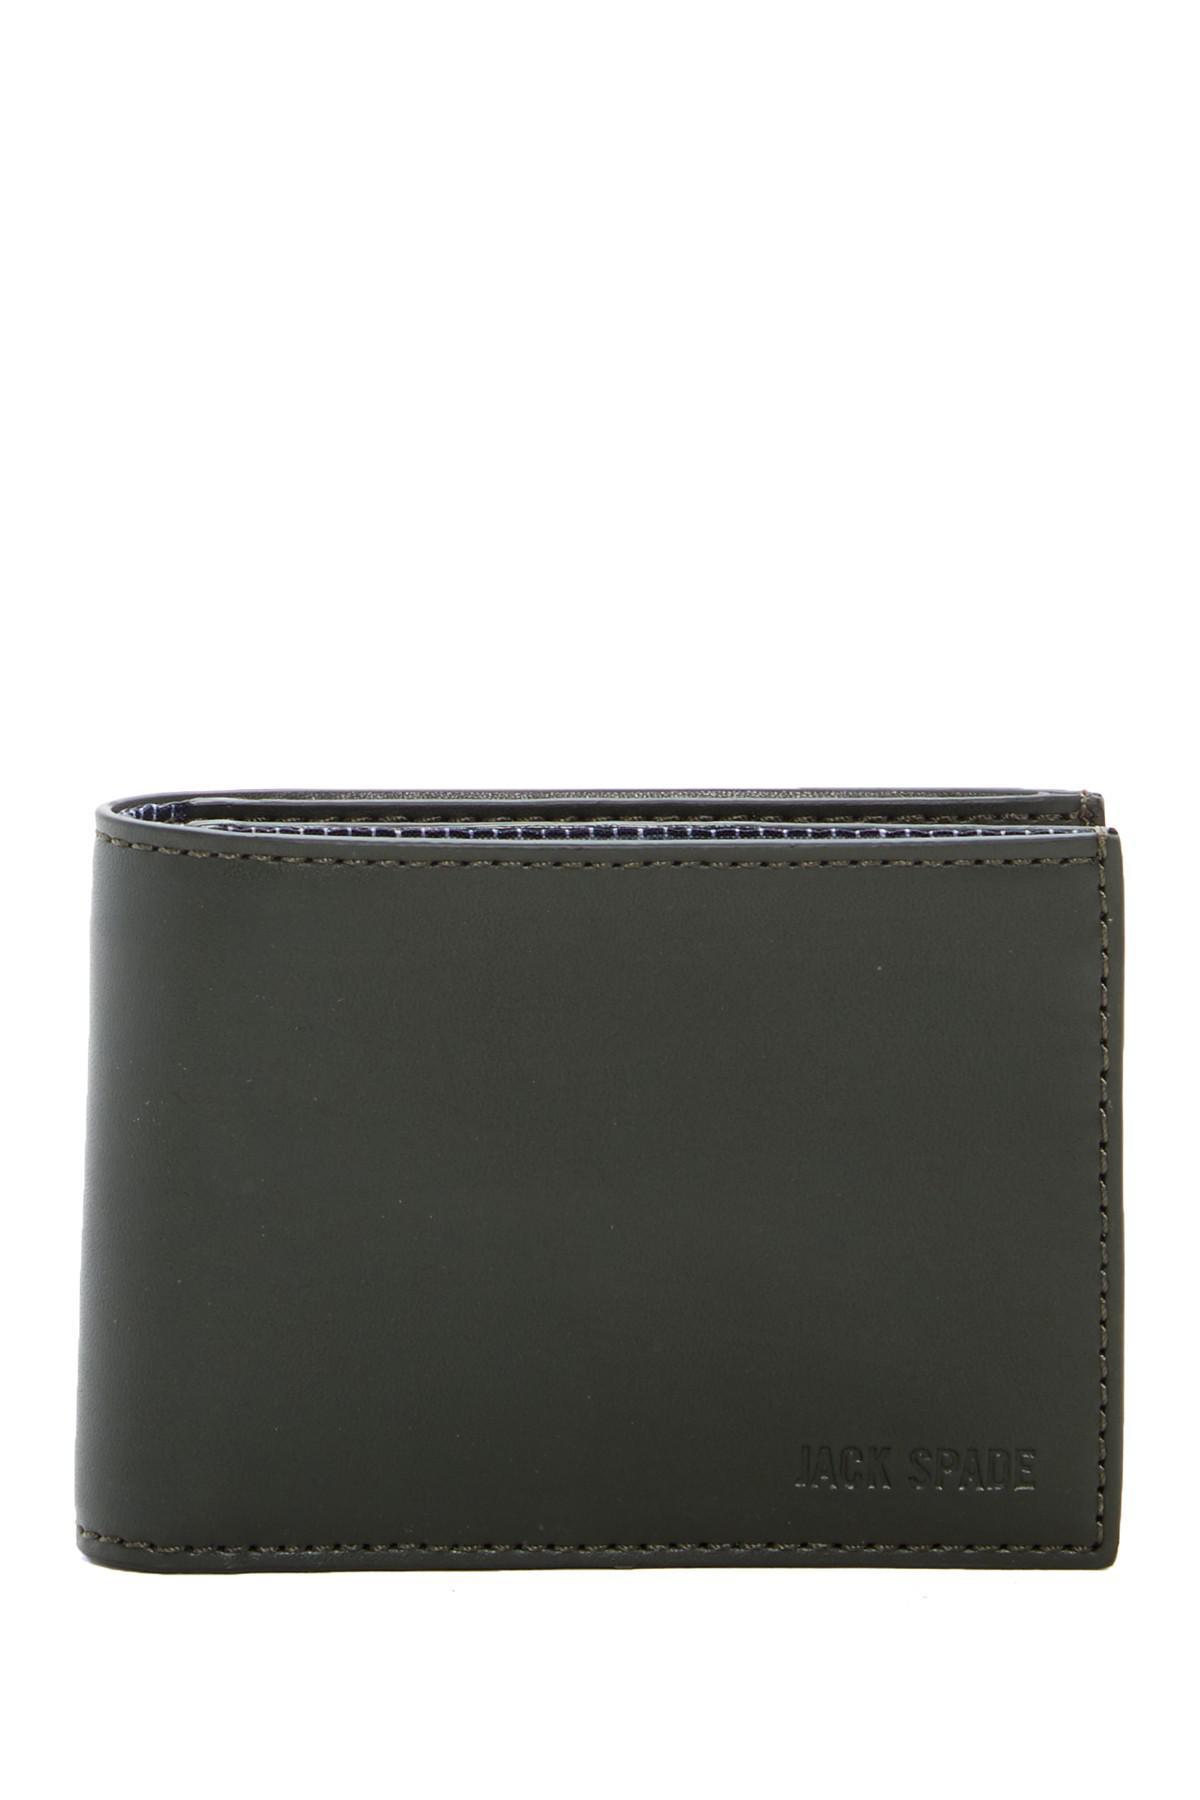 df7fad4aa608f Lyst - Jack Spade Leather Slim Billfold for Men